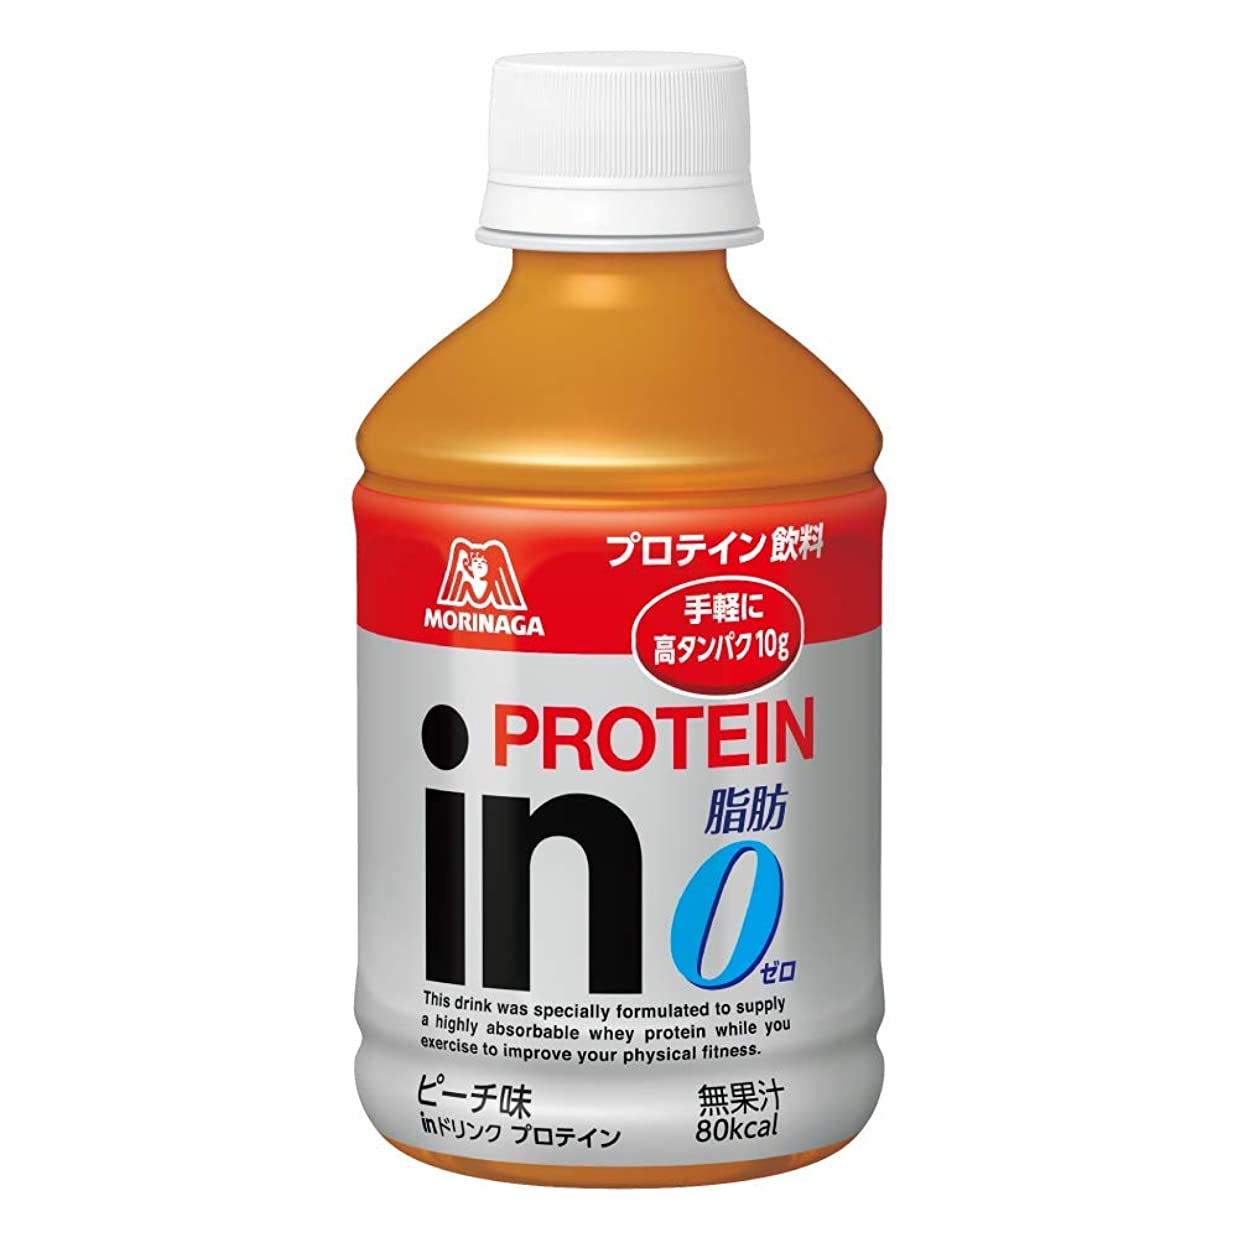 予約地図トンinドリンク プロテイン ピーチ味 (24本入×1箱) 1本280ml 高タンパク10g 脂肪ゼロ クエン酸配合 80kcal 常温保存可